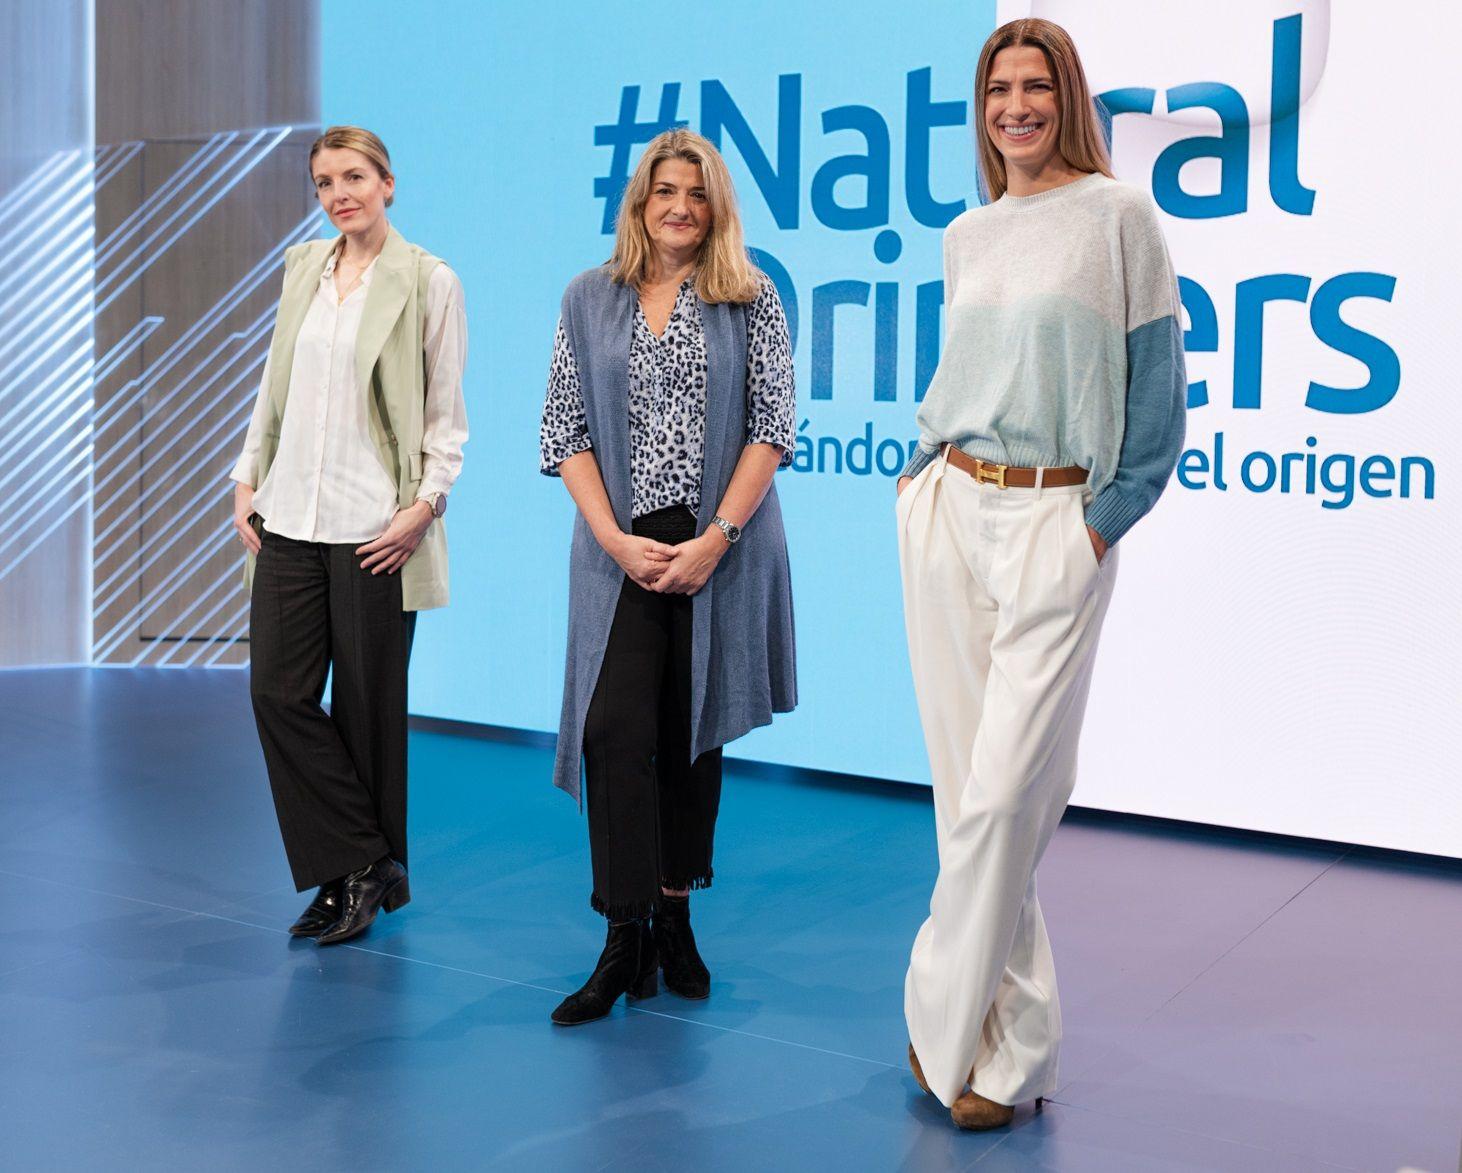 Foto de Evento de presentación del movimiento #NaturalDrinkers